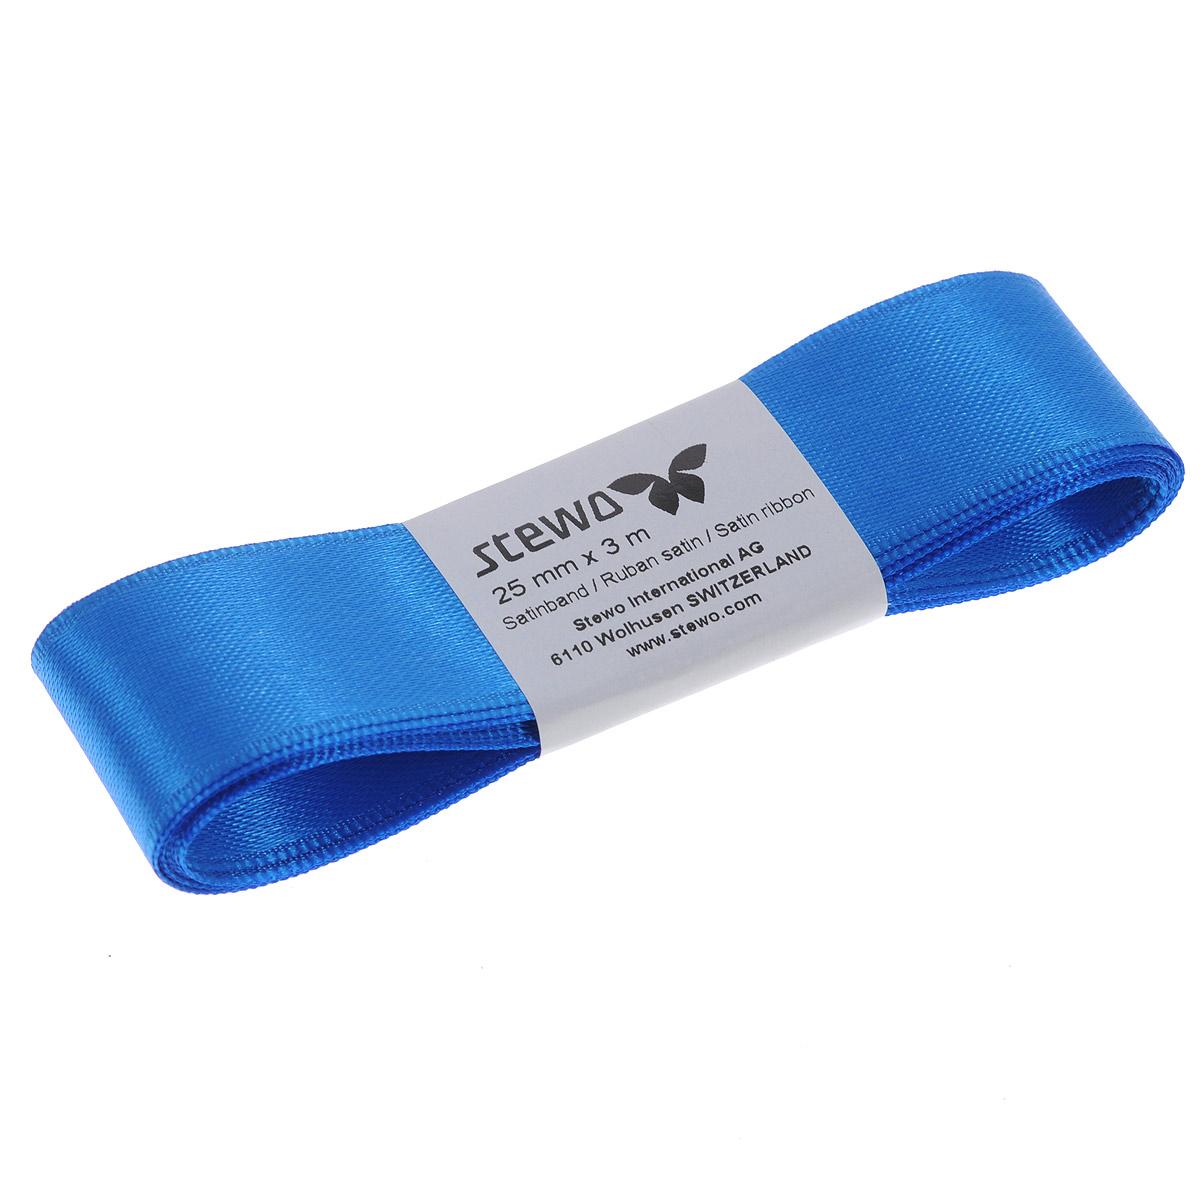 Лента атласная Brunnen, цвет: синий, ширина 2,5 см, длина 3 м834127-42\STWЛента Brunnen изготовлена из атласа. Область применения атласной ленты весьма широка. Лента предназначена для оформления цветочных букетов, подарочных коробок, пакетов. Кроме того, она с успехом применяется для художественного оформления витрин, праздничного оформления помещений, изготовления искусственных цветов. Ее также можно использовать для творчества в различных техниках, таких как скрапбукинг, оформление аппликаций, для украшения фотоальбомов, подарков, конвертов, фоторамок, открыток и т.д. Ширина ленты: 2,5 см. Длина ленты: 3 м.